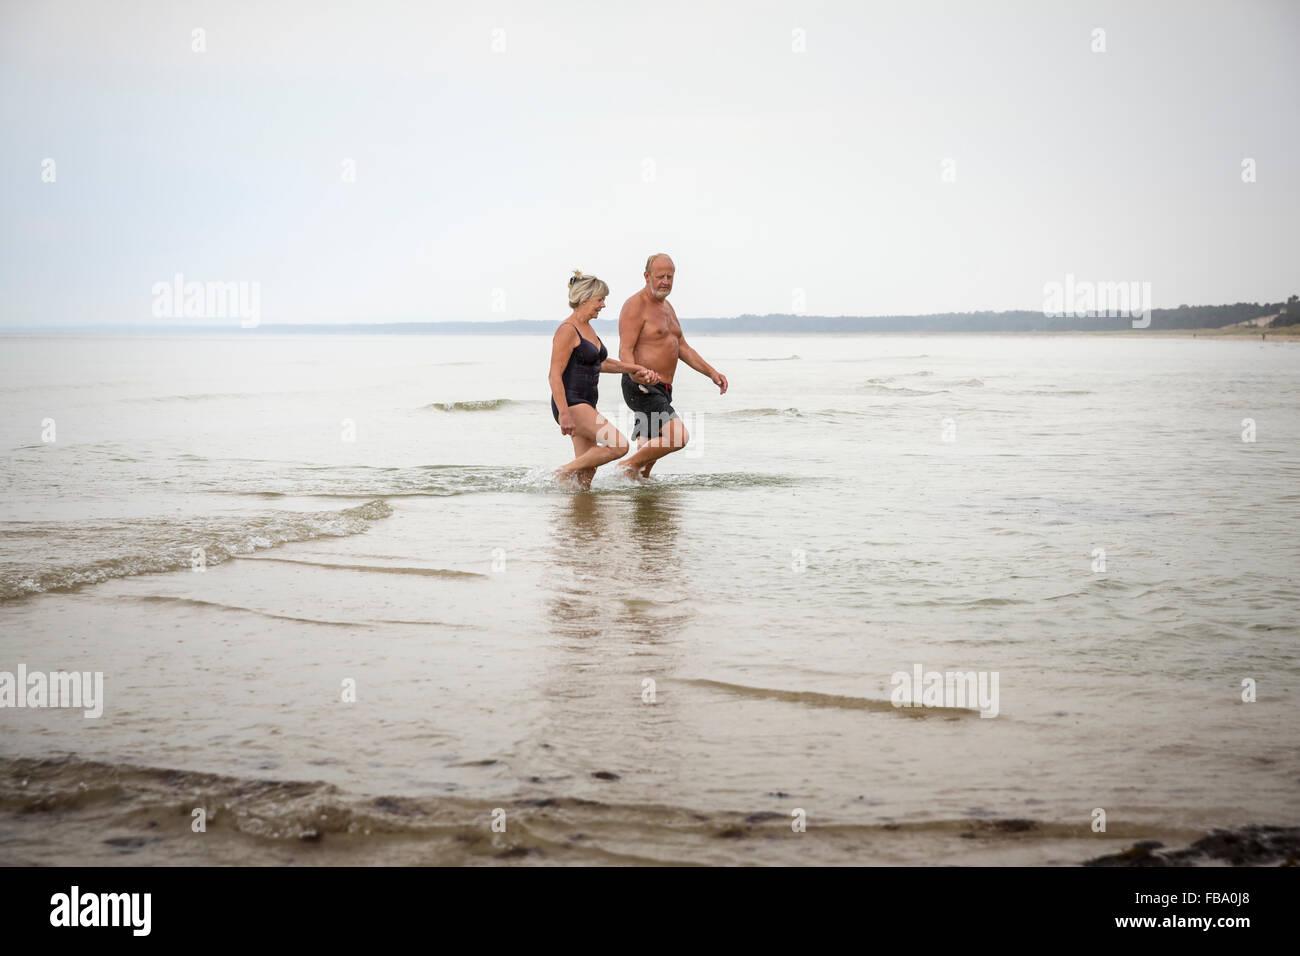 La Suède, Stockholm, l'Ahus, Senior couple pataugeant dans l'eau Photo Stock